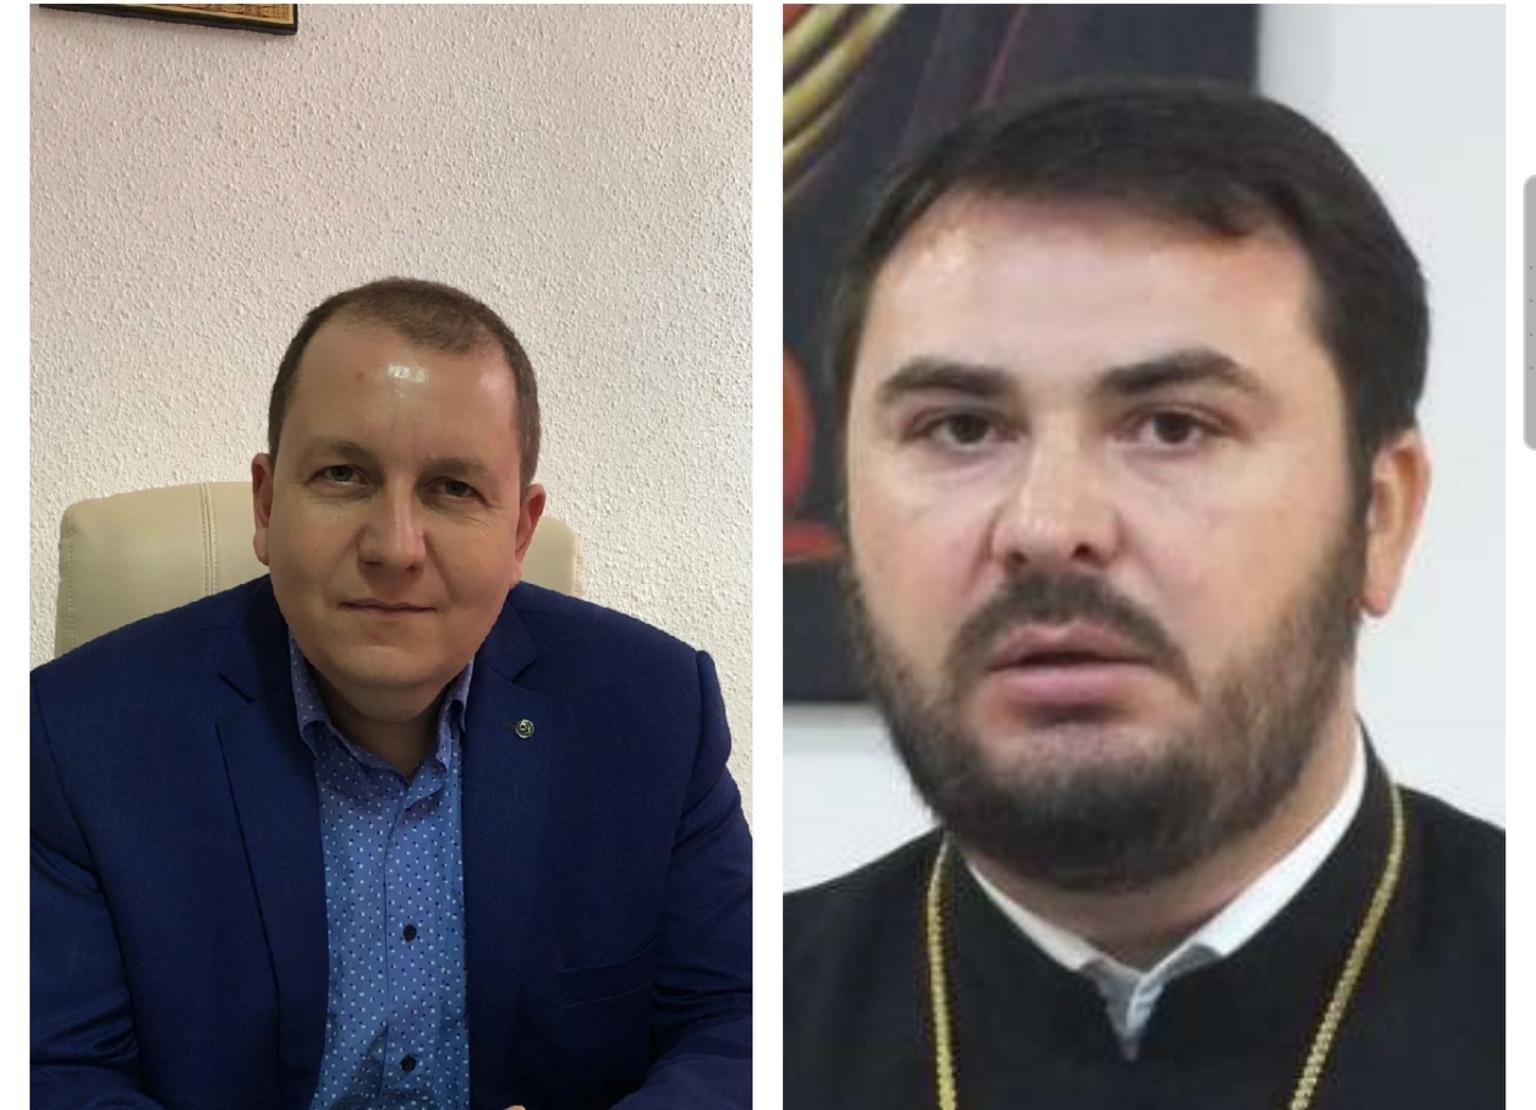 Vicarul eparhial Ionuț Ghibanu își donează salariul pentru a plăti o parte din amenda de 20.000 lei dată medicului care a ieșit din spital pentru a se închina la moaștele Sfântului Nifon